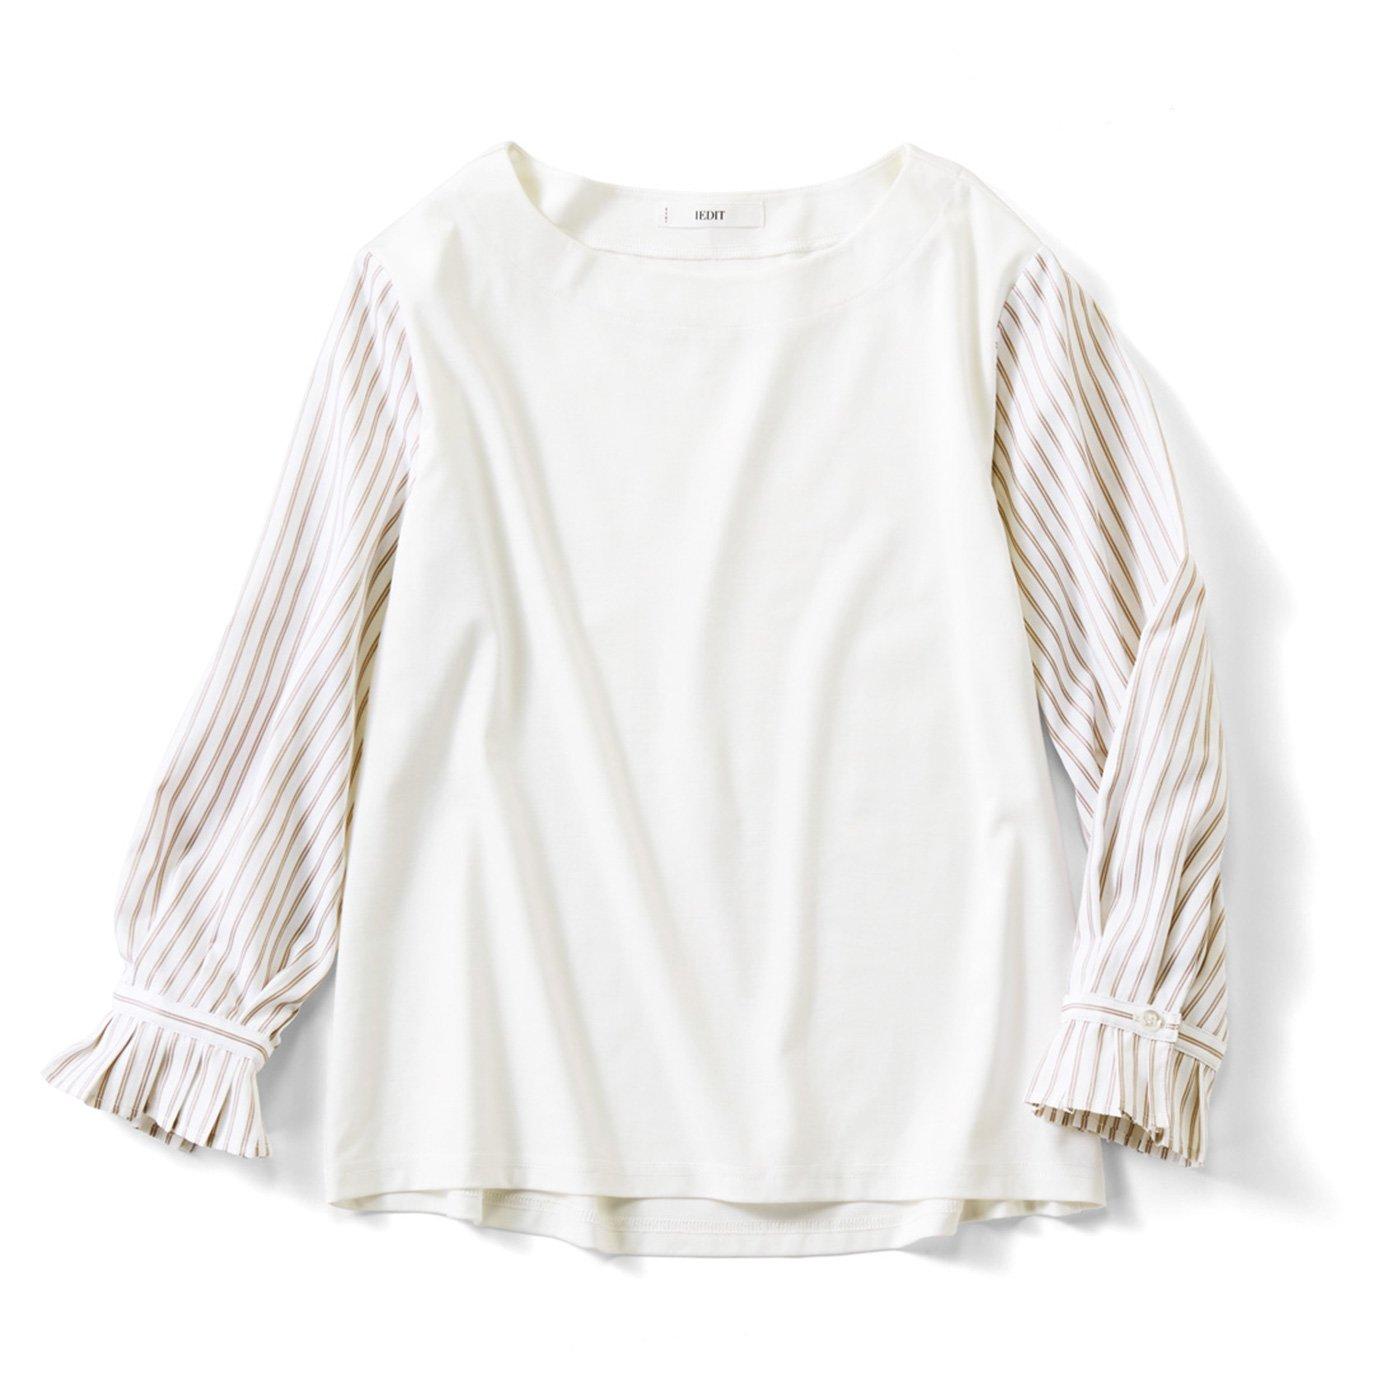 IEDIT[イディット] Tシャツ以上ブラウス未満のドッキングトップス〈ホワイト〉